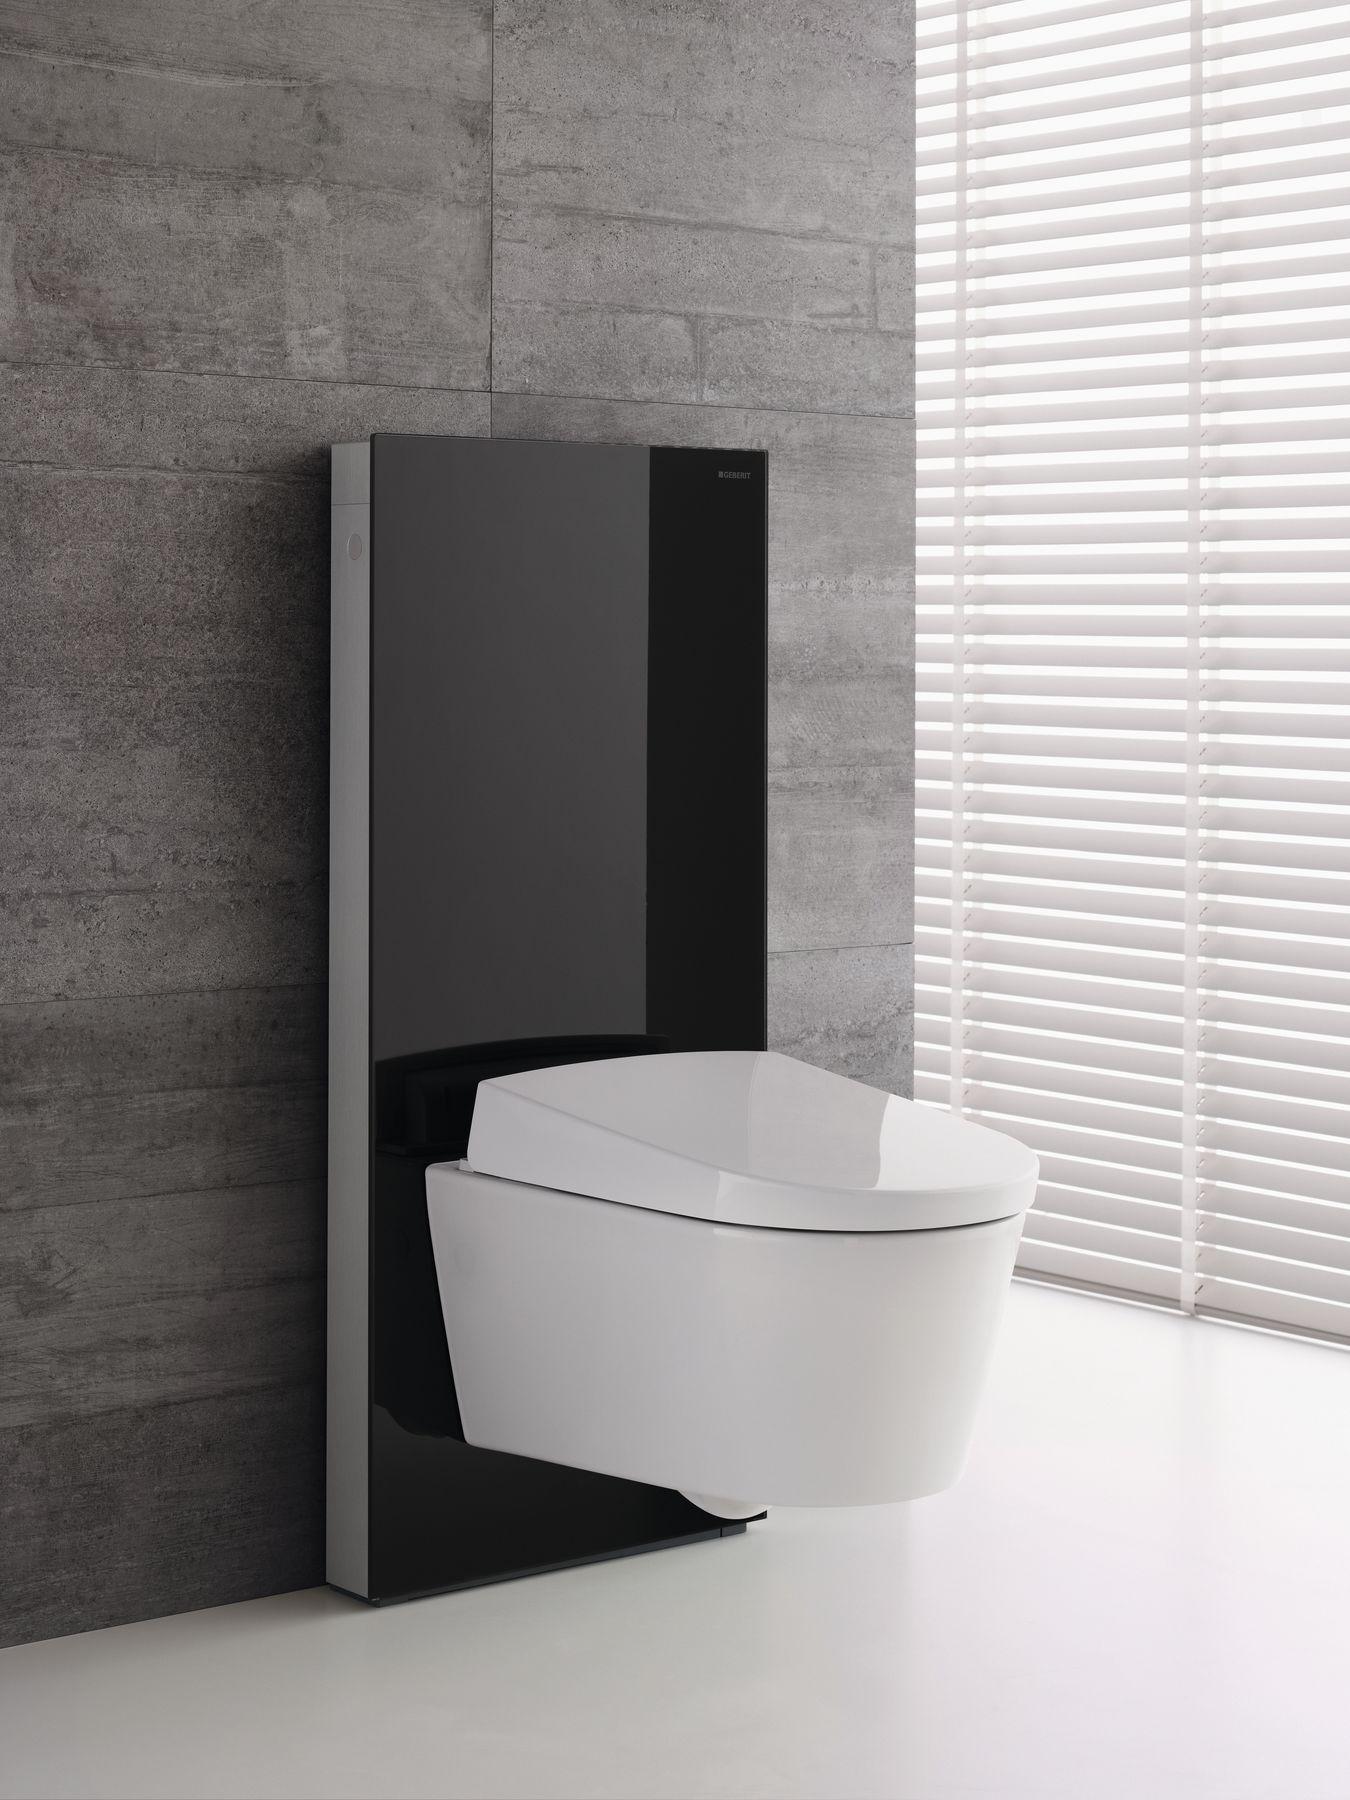 Bathroom Inspirations With Geberit Aquaclean Moderne Badkamer Interieur Kleine Toiletruimte Badkamer Ontwerp